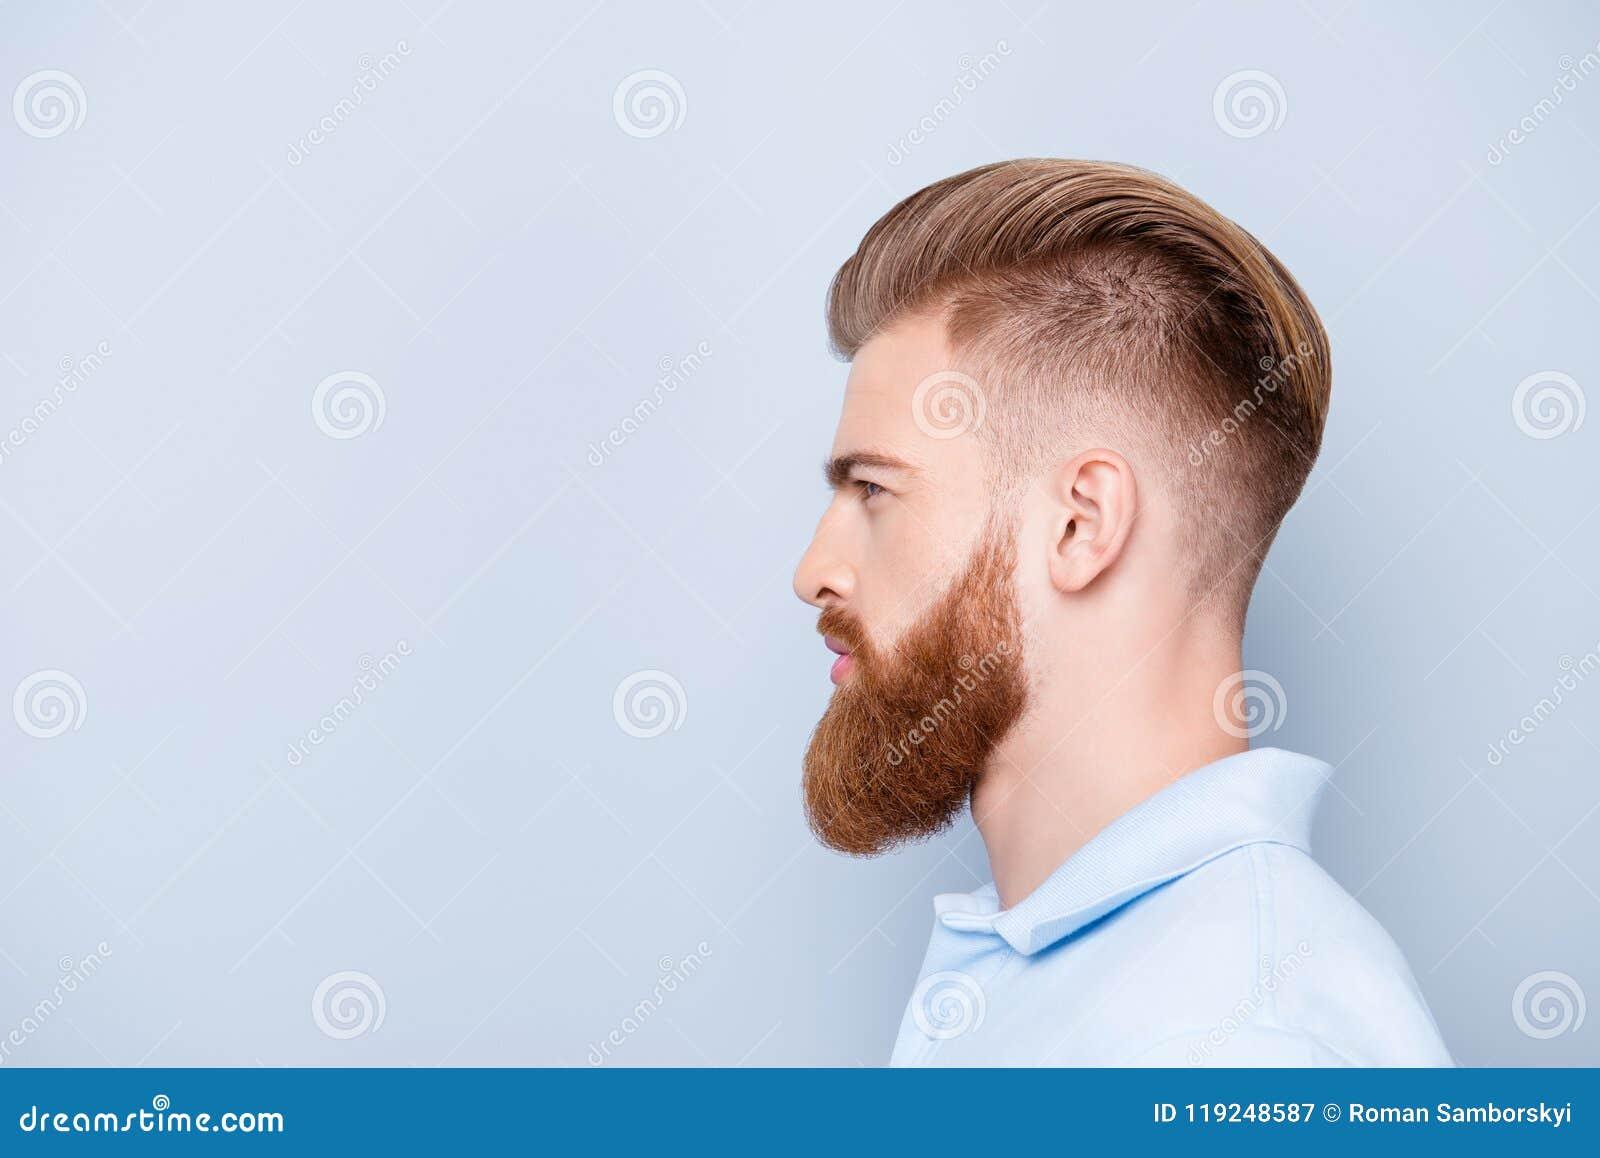 Концепция парикмахерскаи рекламы Портрет профиля бортовой откровенничает